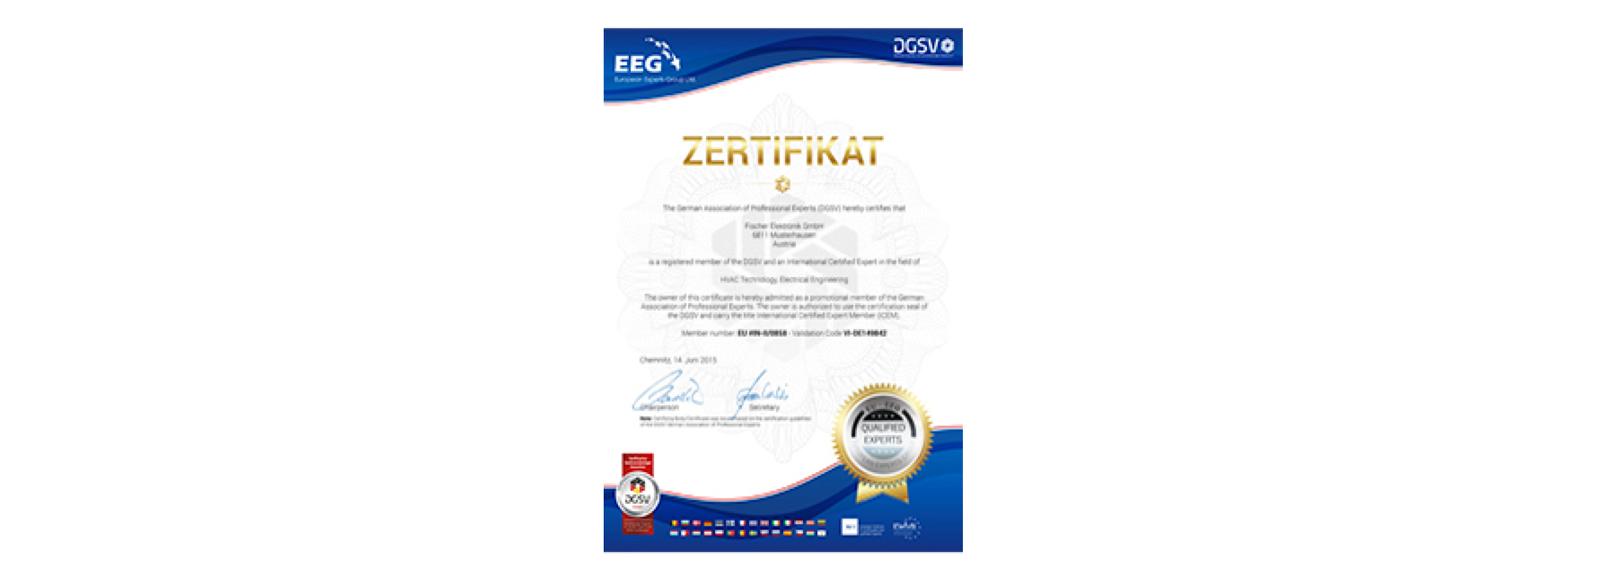 DGuSV-Zertifizierung